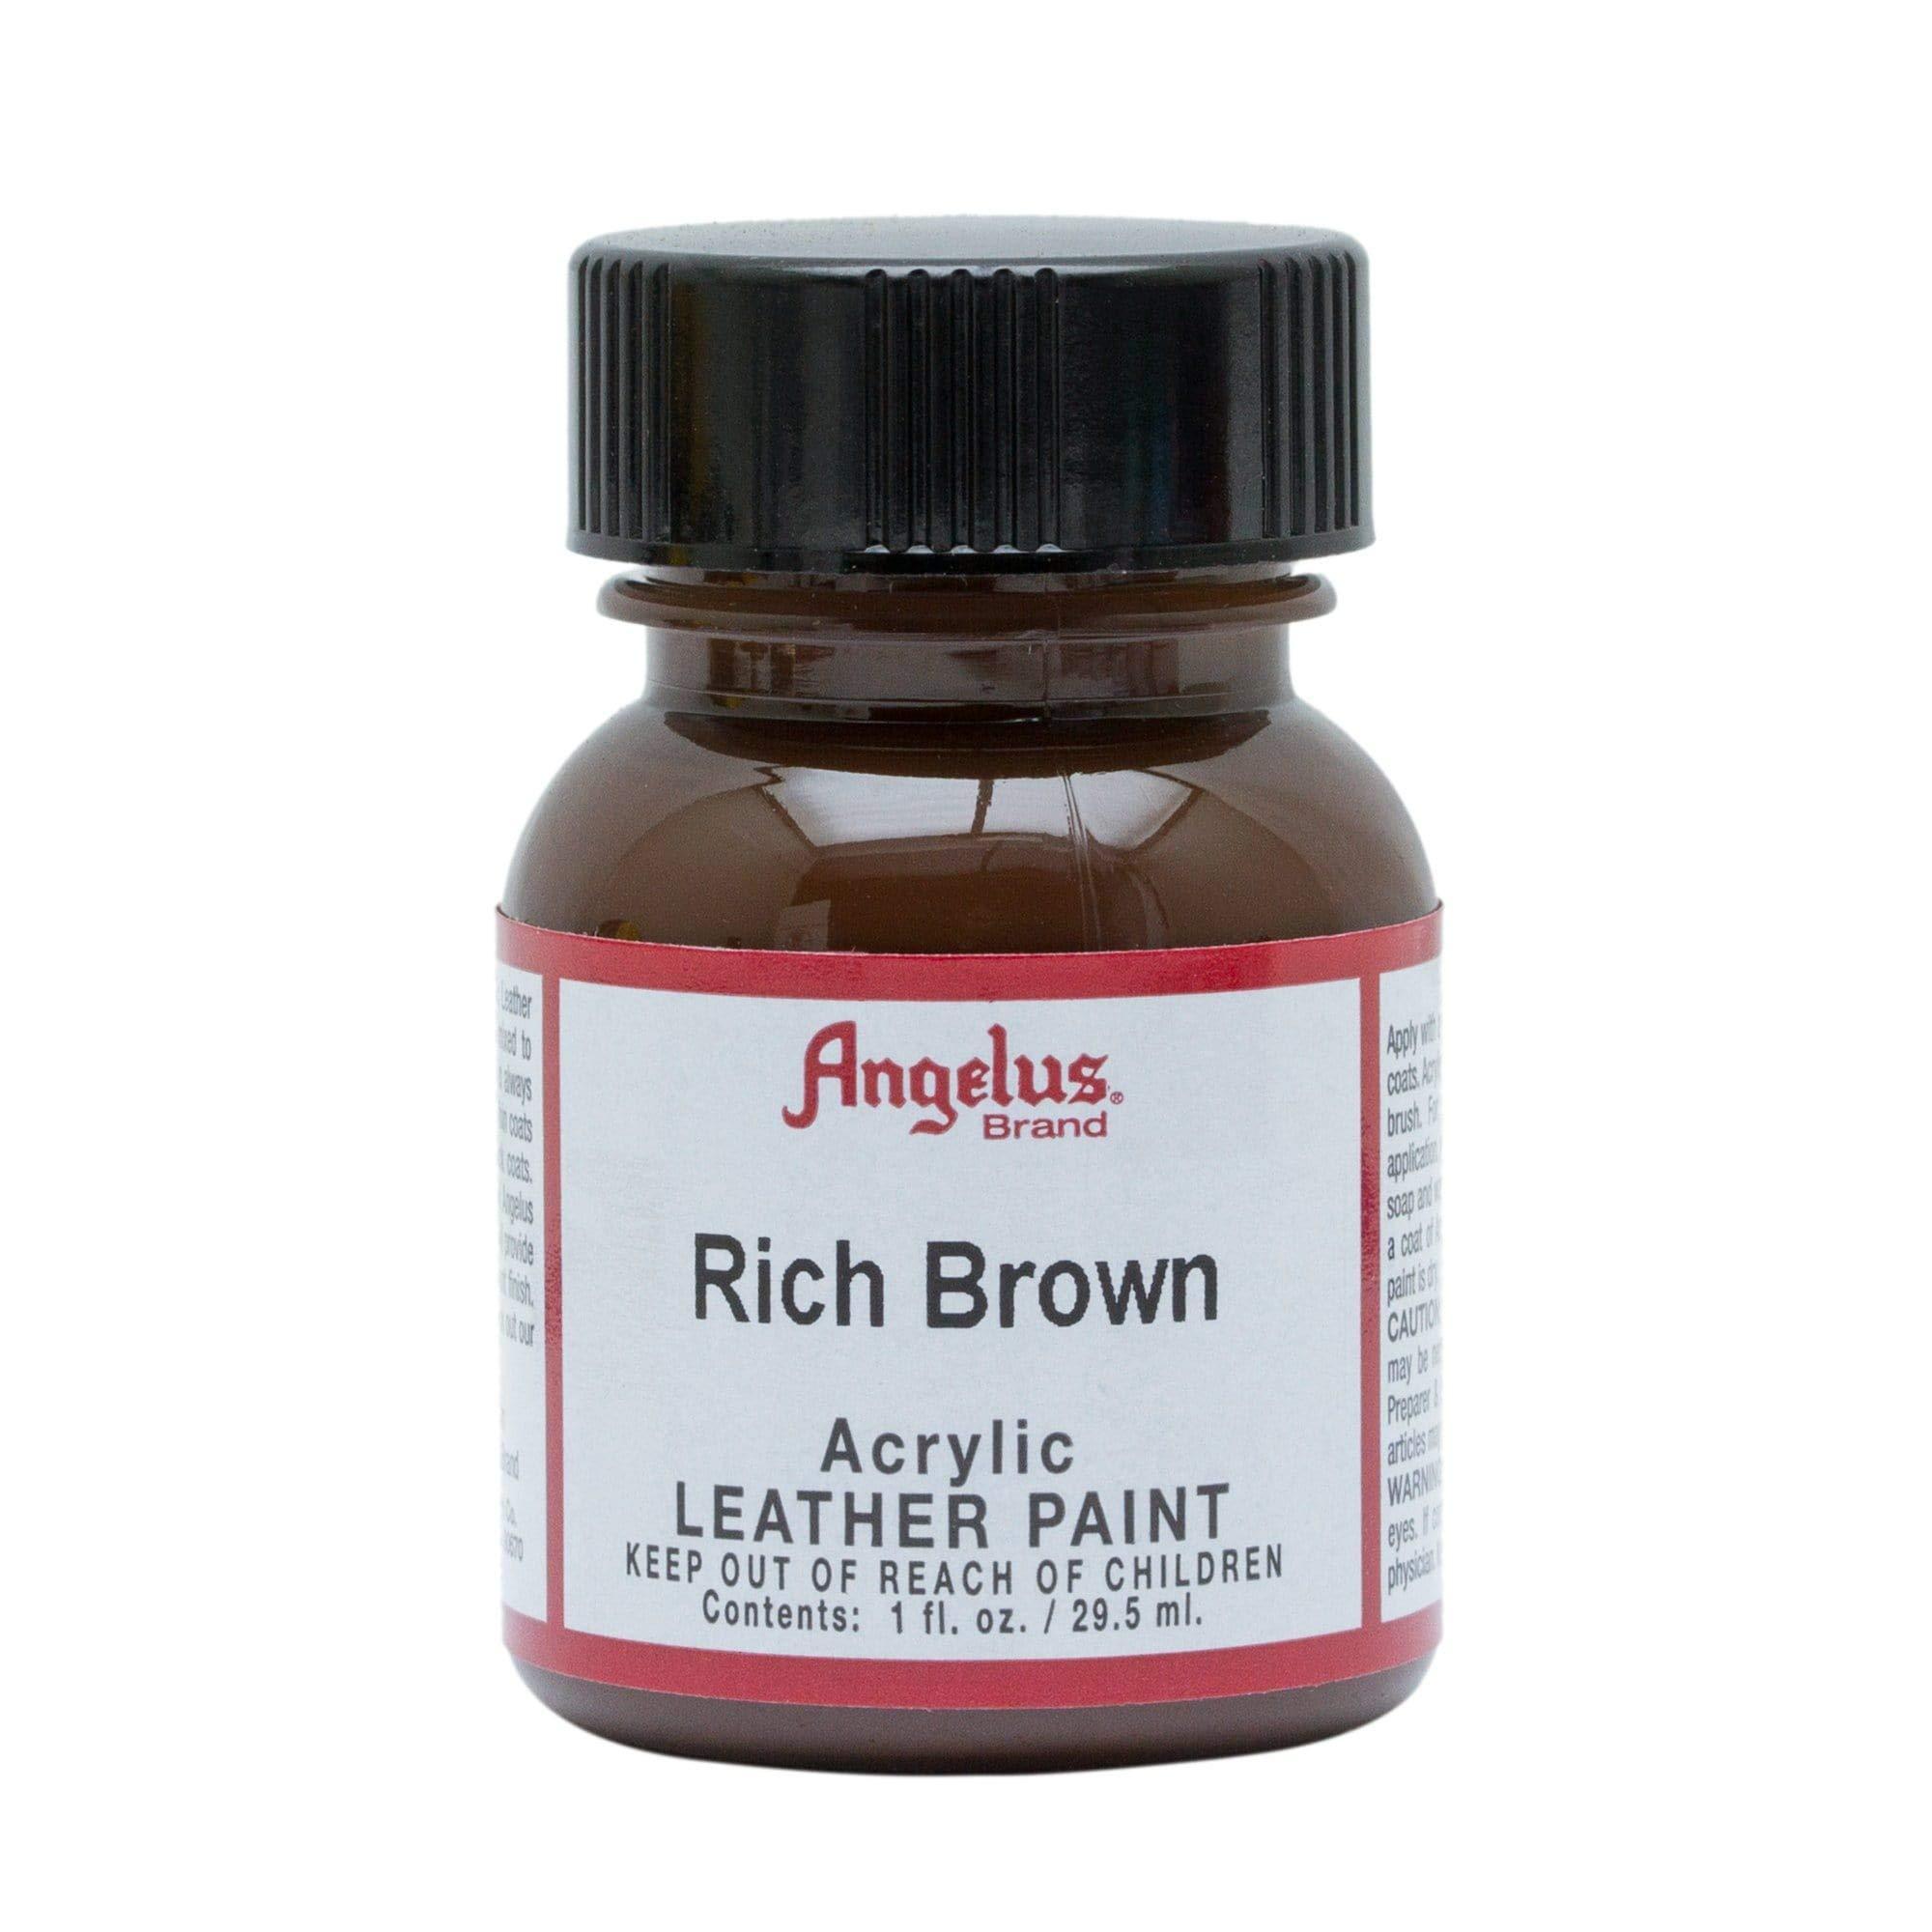 Angelus Pintura acrílica para cuero marrón intenso 29.5ml